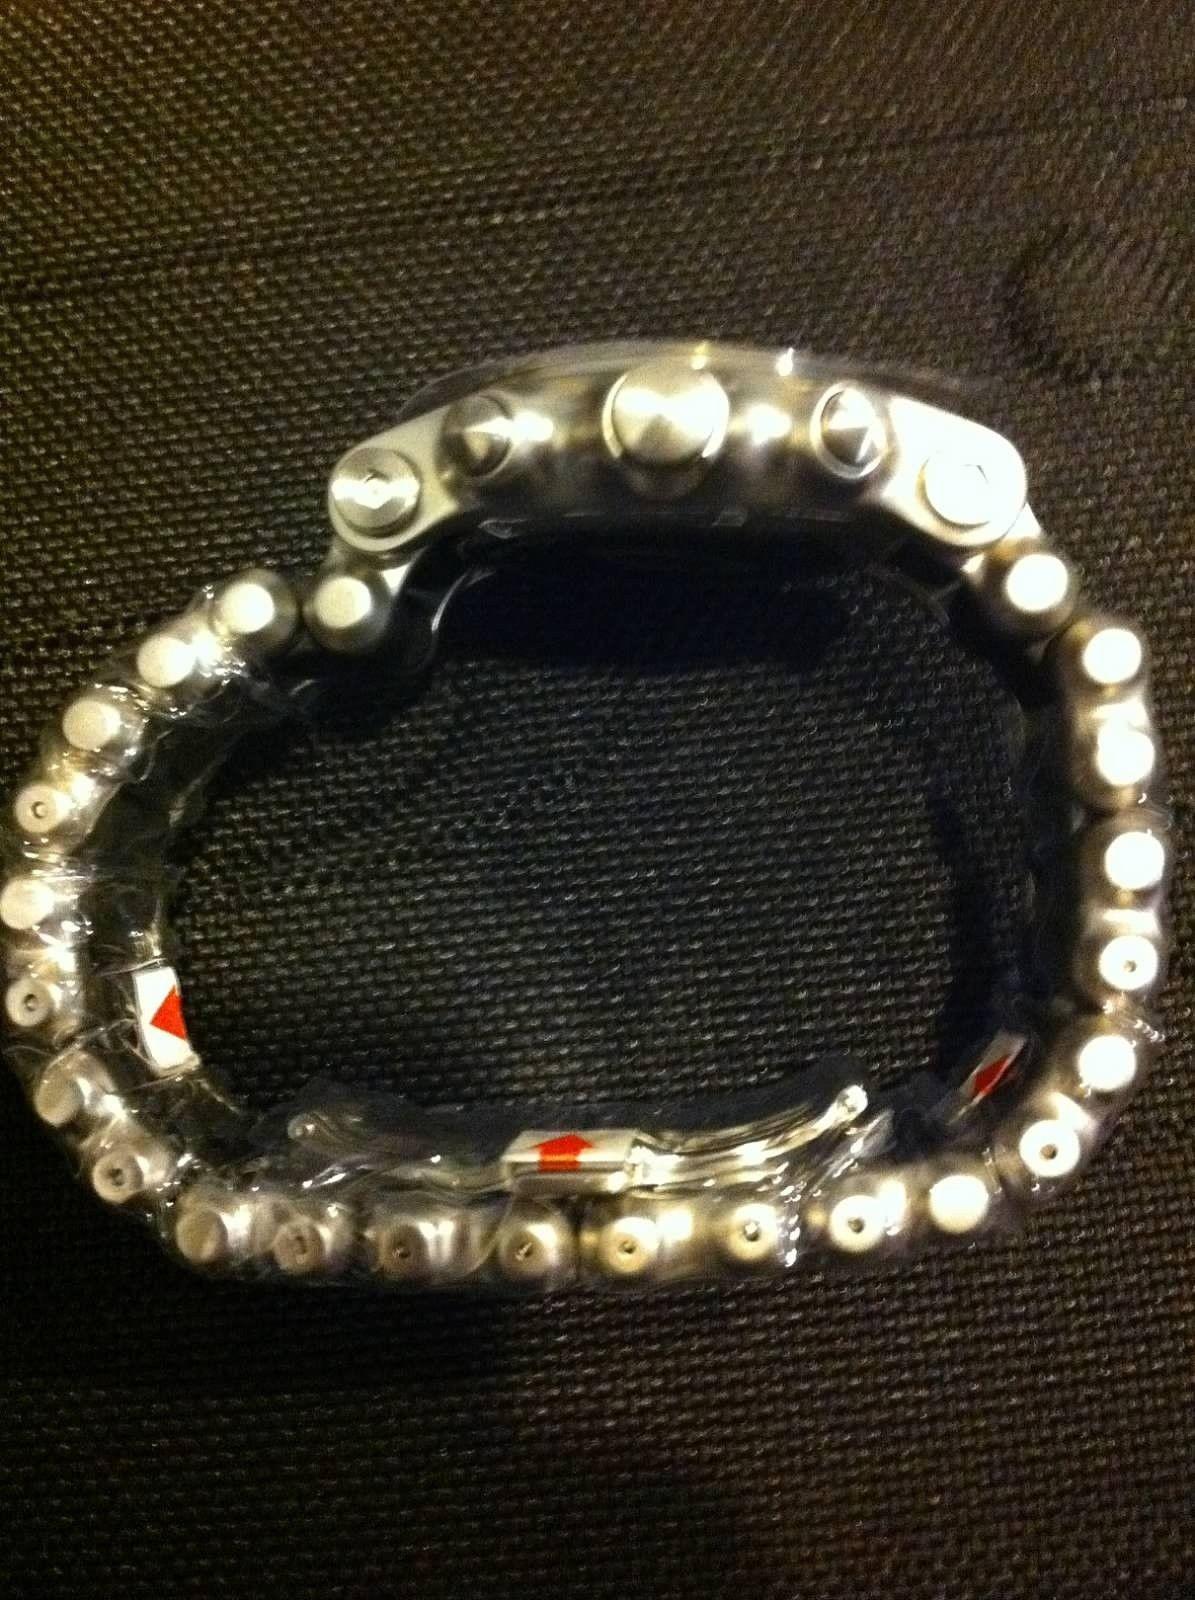 Holeshot bracelet - image.jpeg